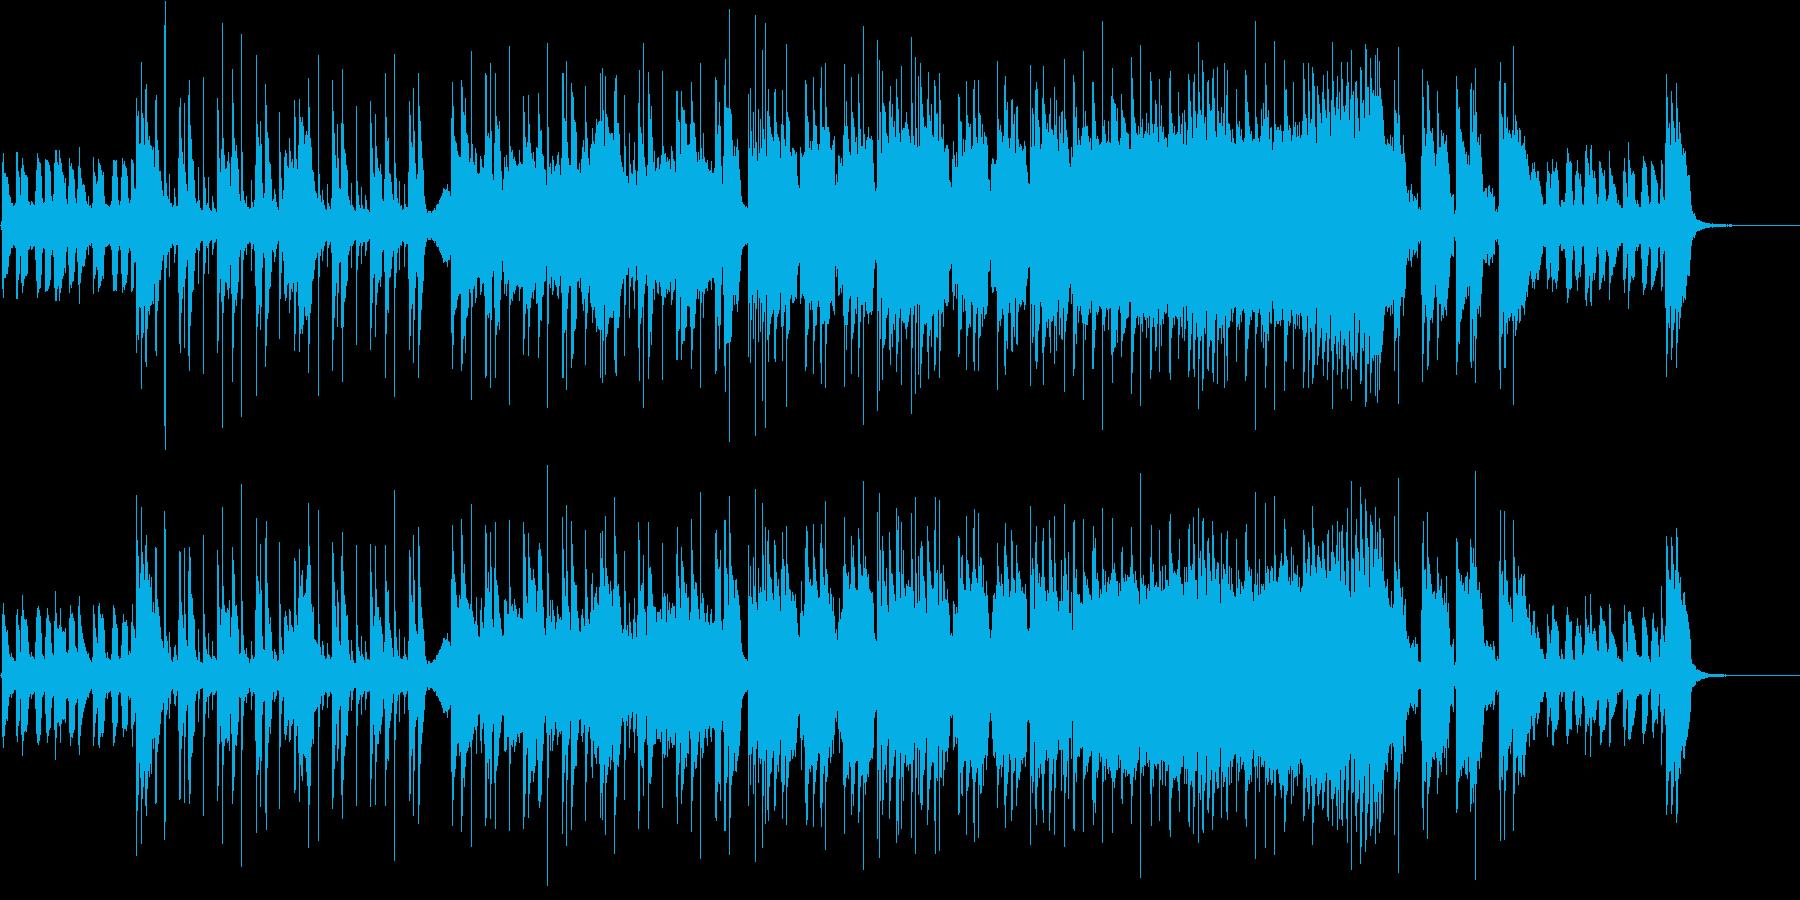 爽快なアメリカン風ポップロックの再生済みの波形